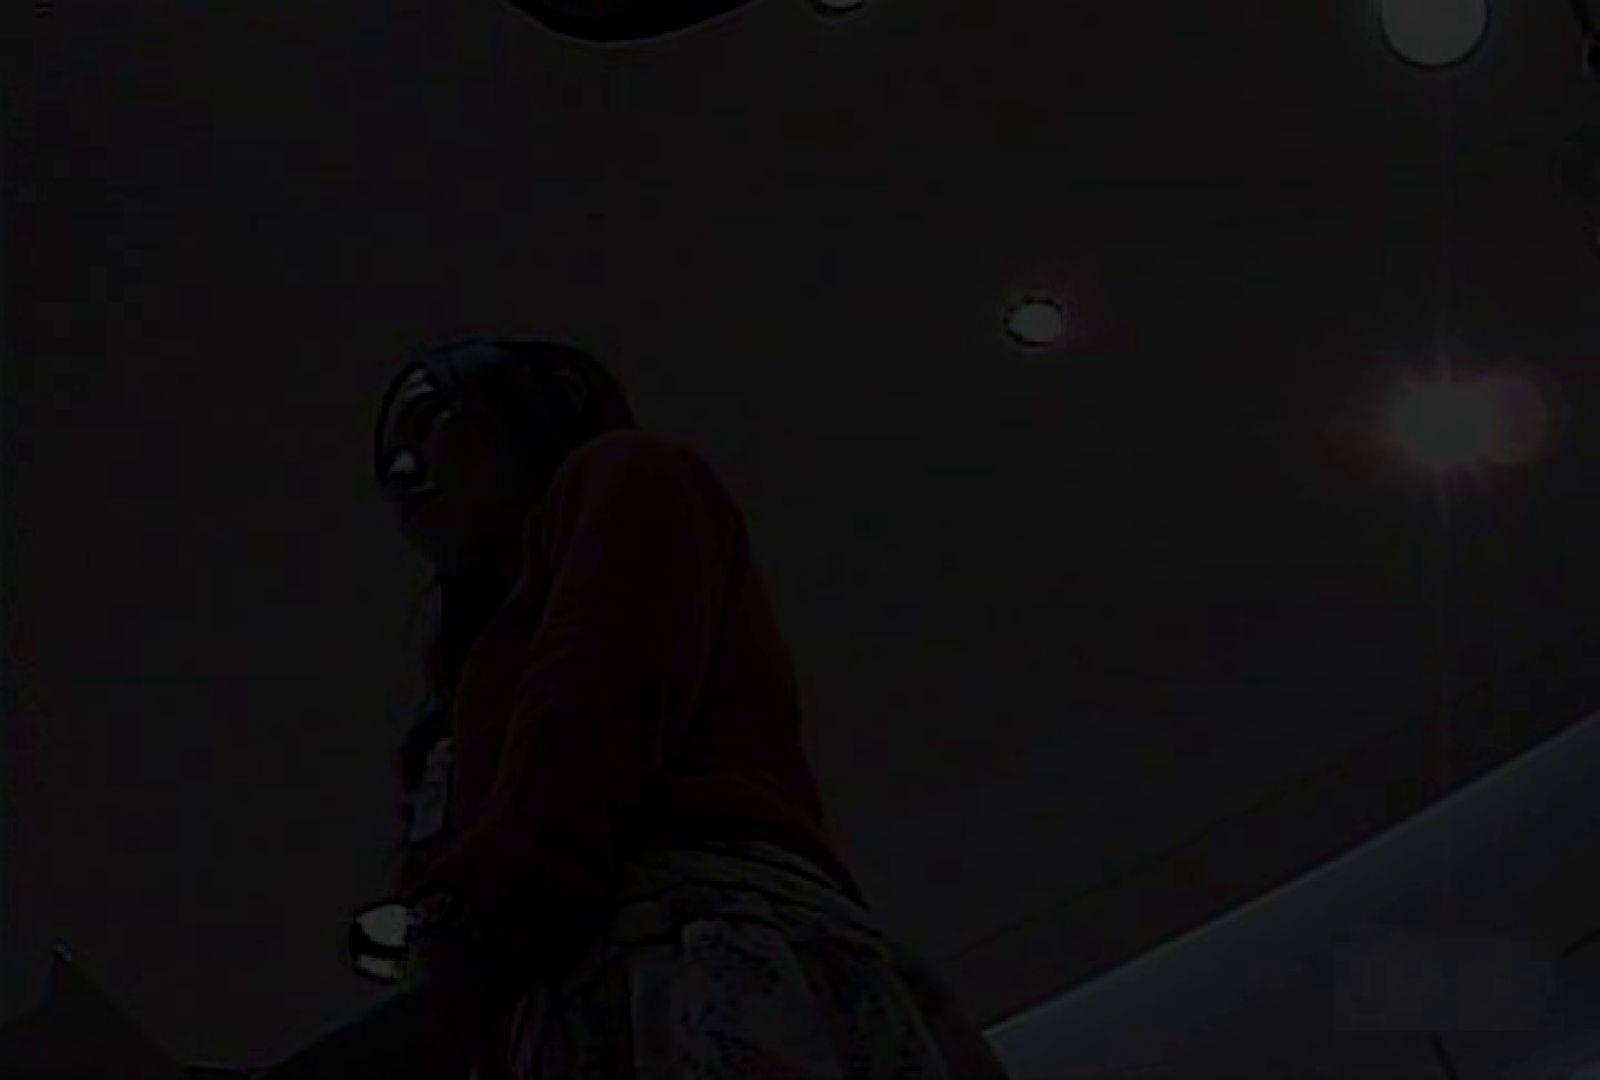 ショップ店員のパンチラアクシデント Vol.24 覗き のぞき動画画像 85連発 58